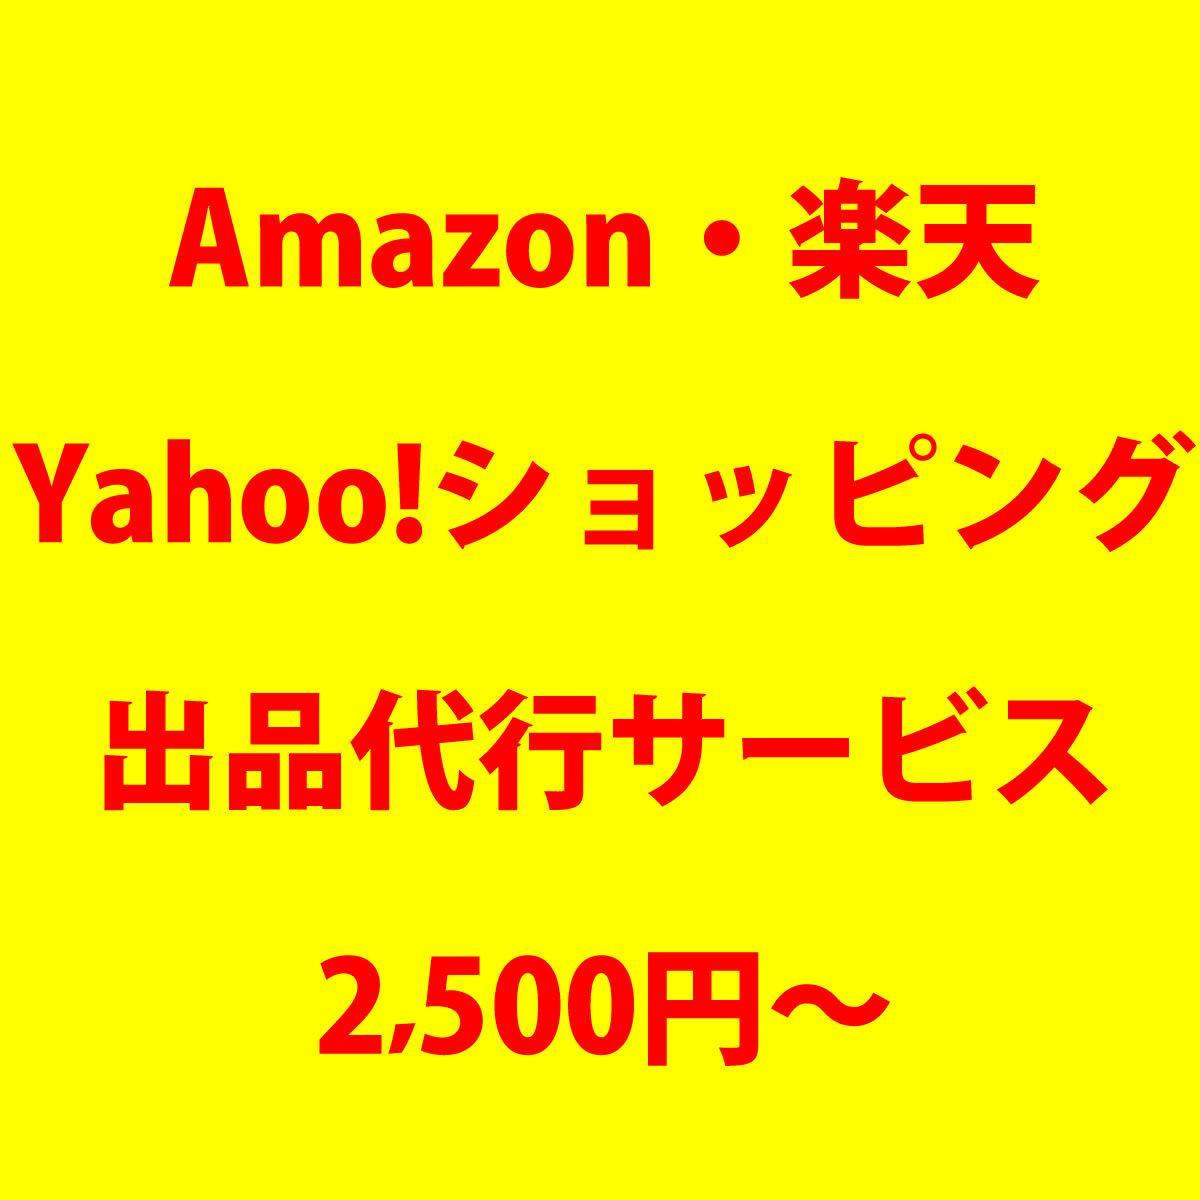 アマゾン、楽天、などECモールの商品登録します その他、ヤフー、au PAY、Qoo10、ヤマダモールも◎ イメージ1